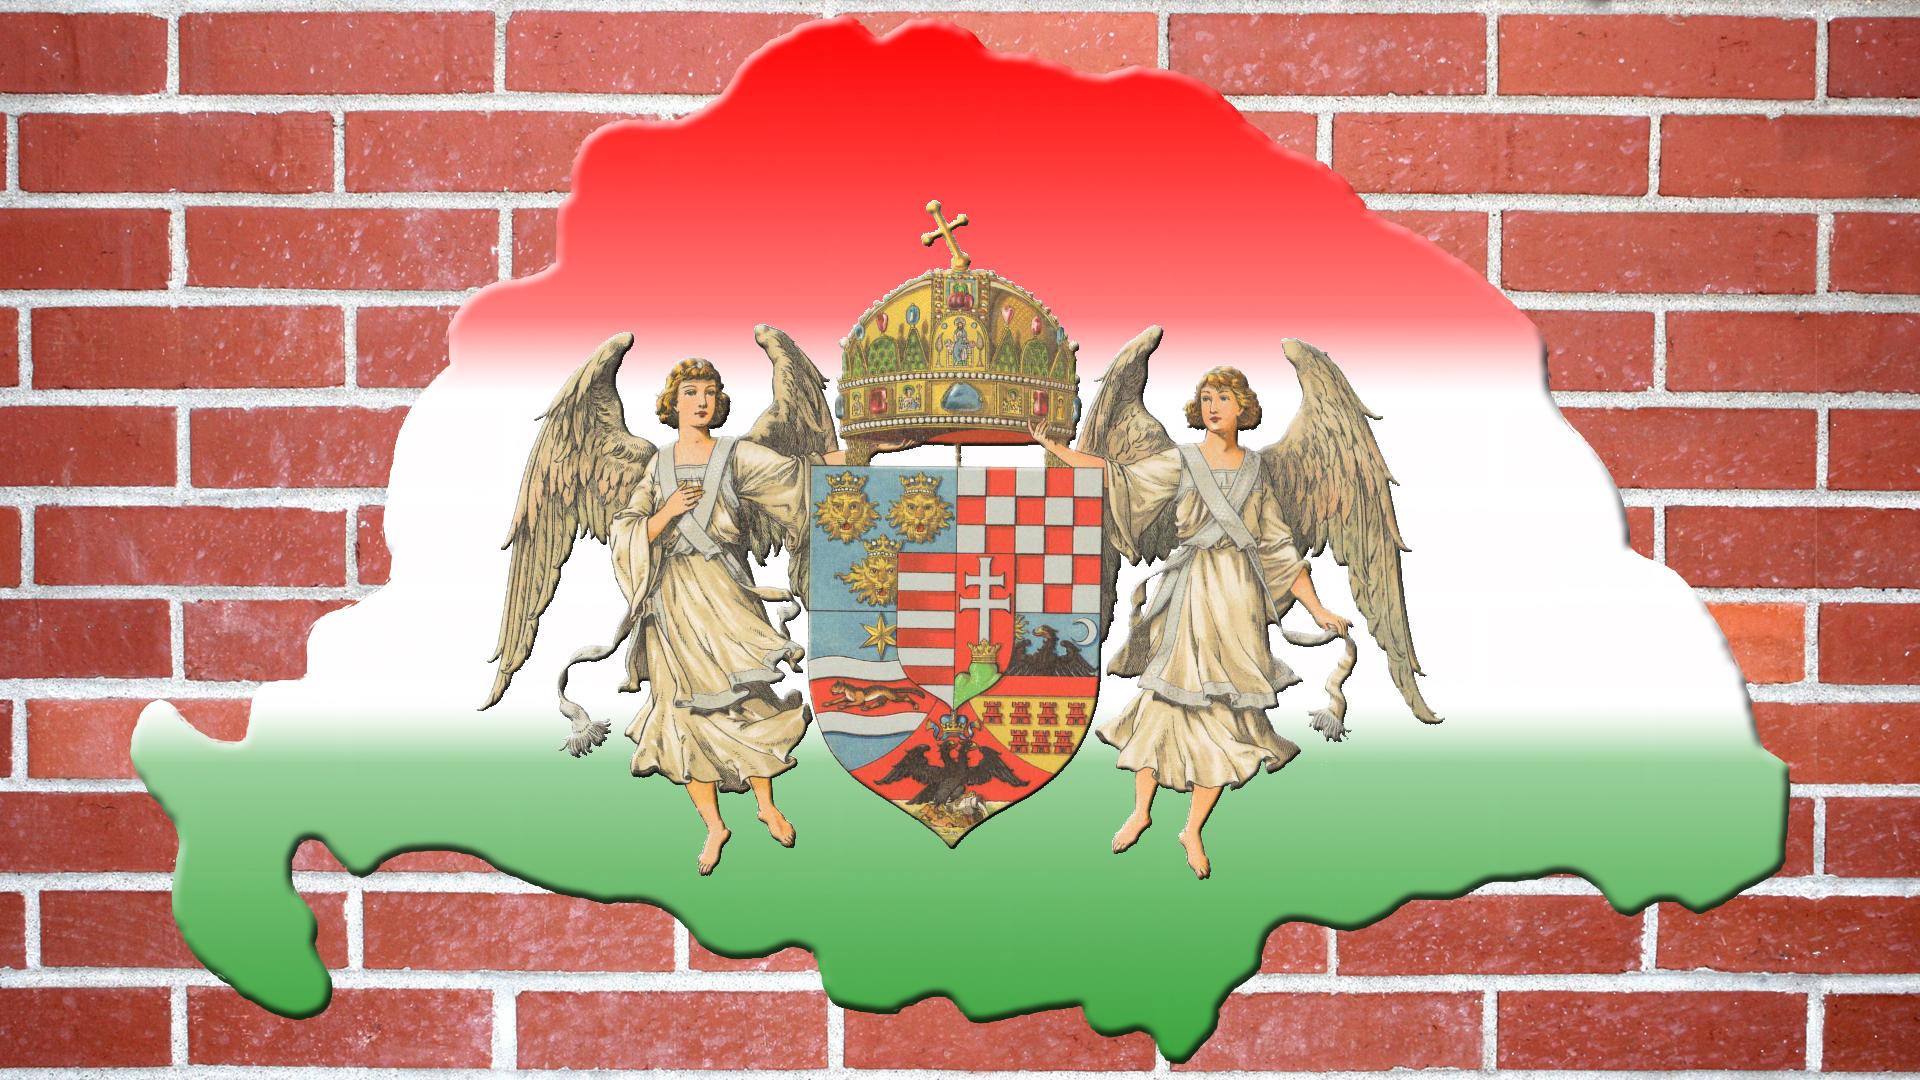 nagy magyarország térkép háttérkép Nagy Magyarország 1920x1080   Free HD Wallpapers nagy magyarország térkép háttérkép